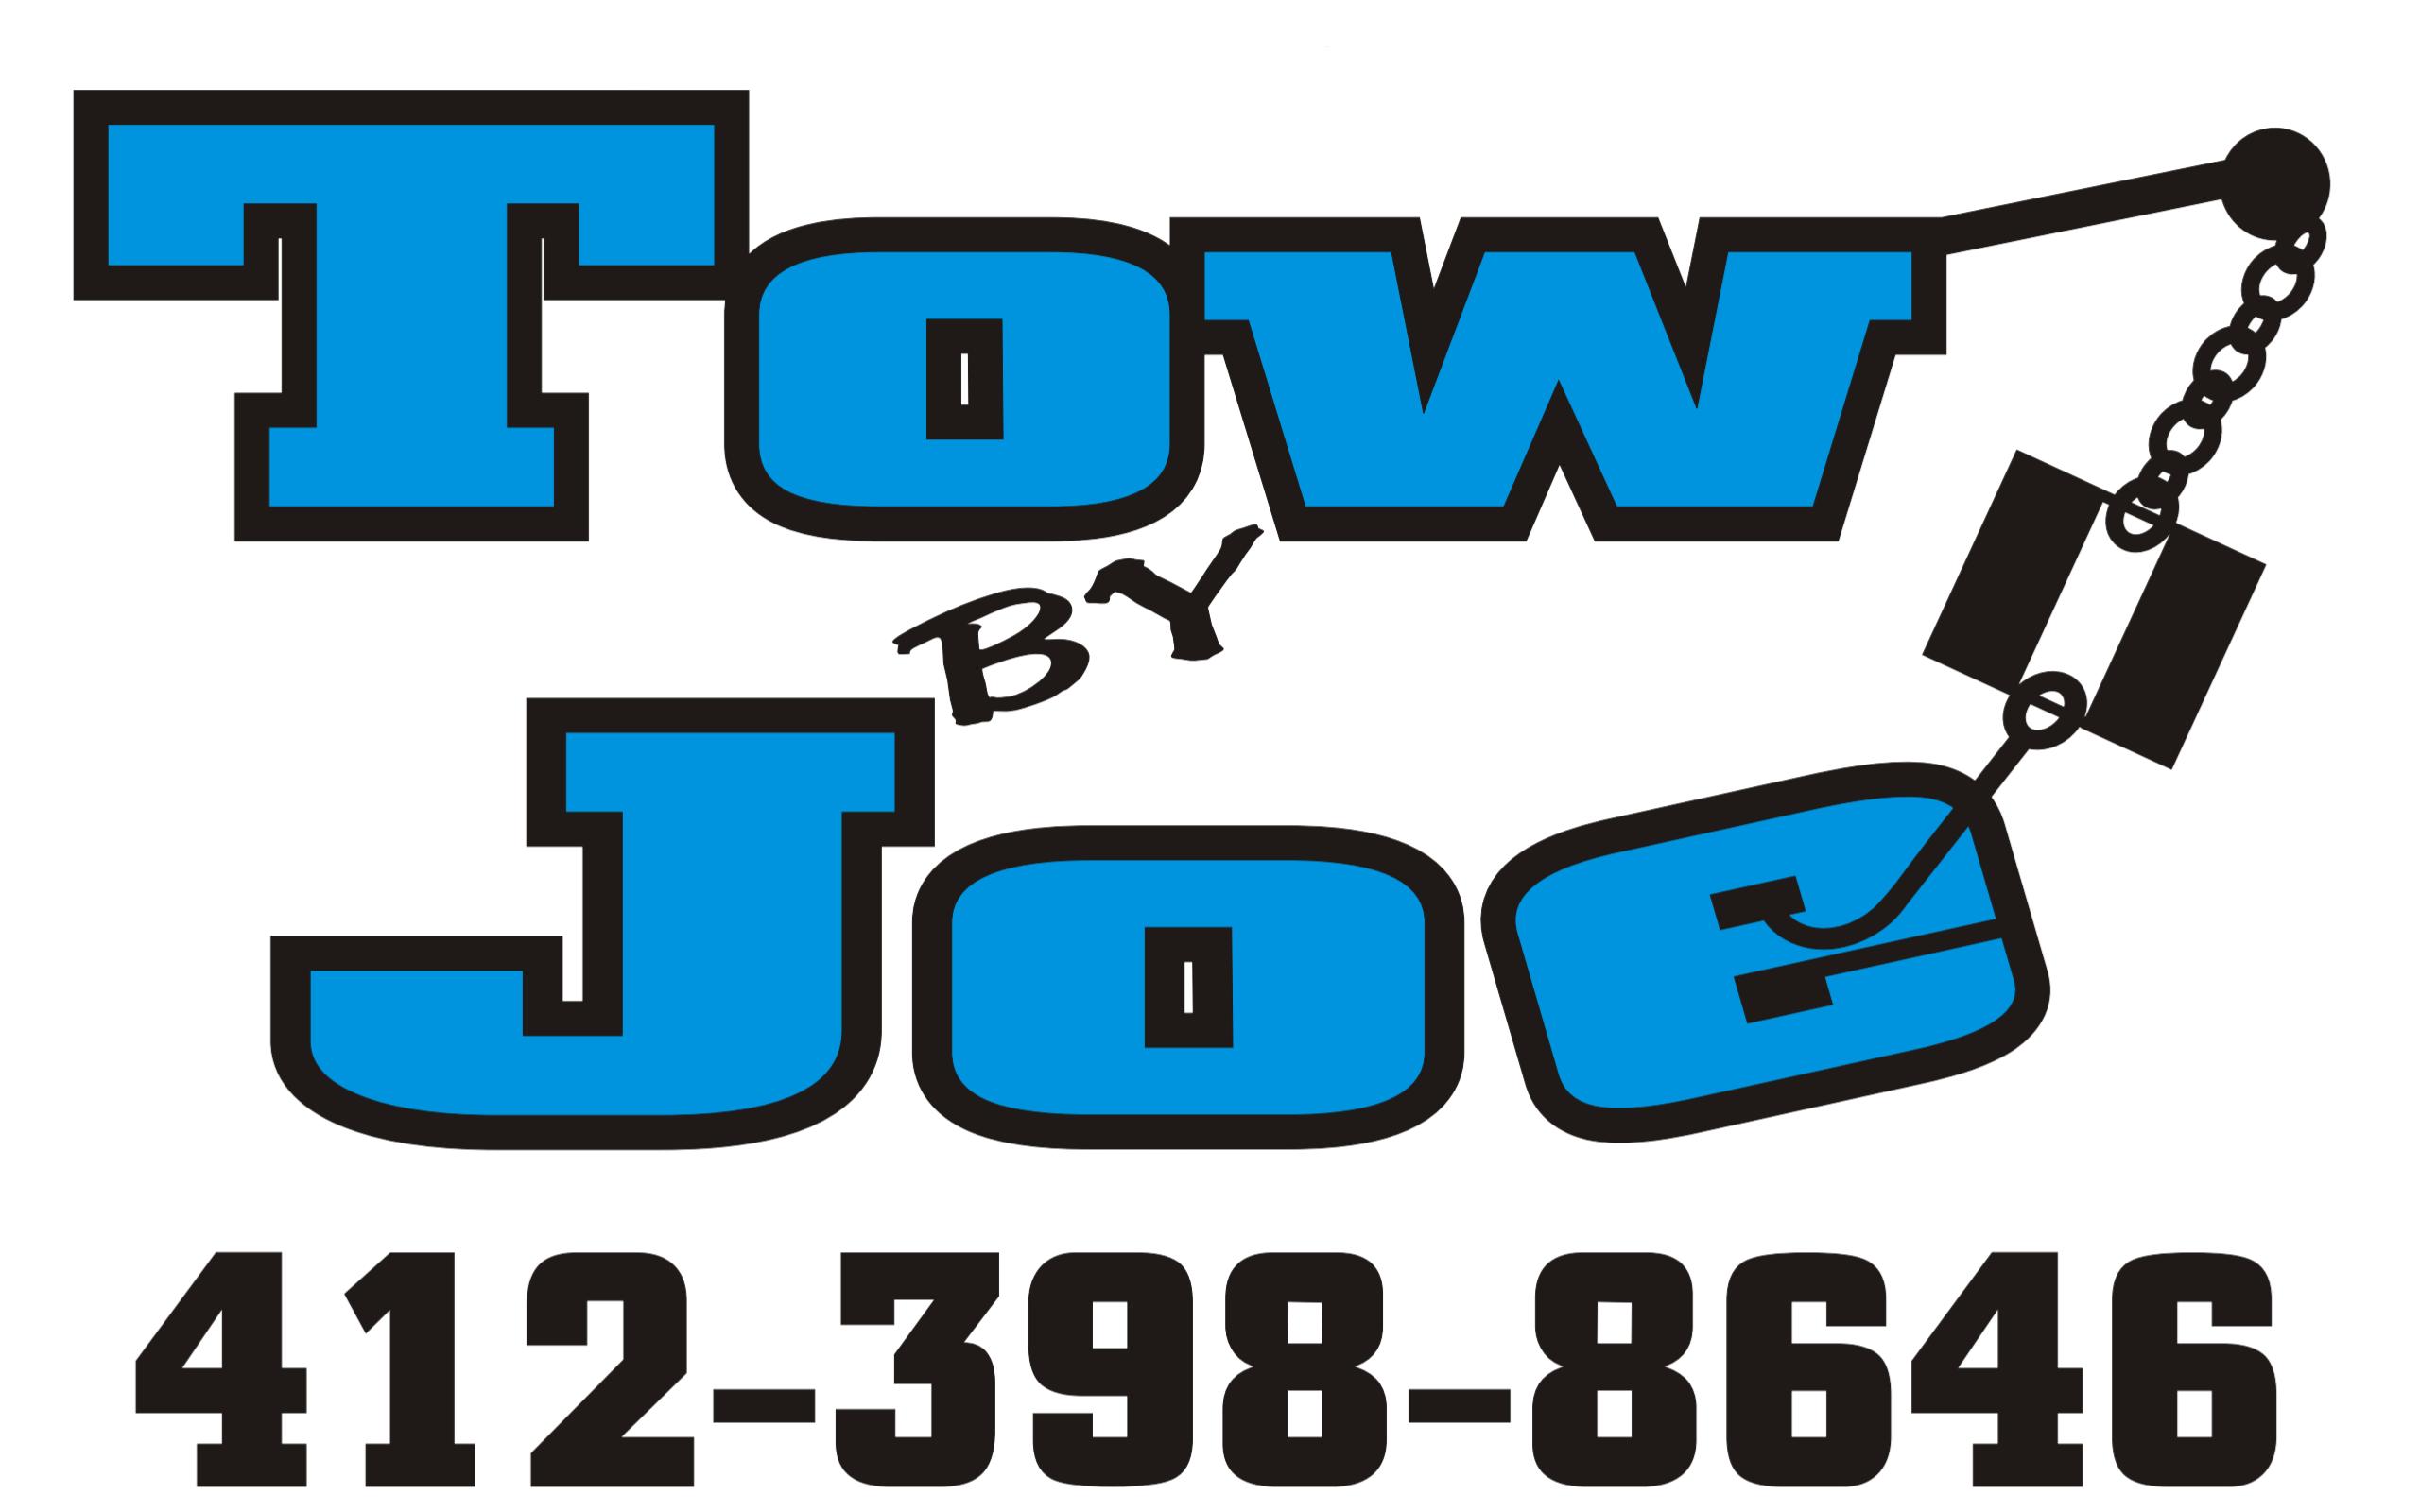 Tow by Joe